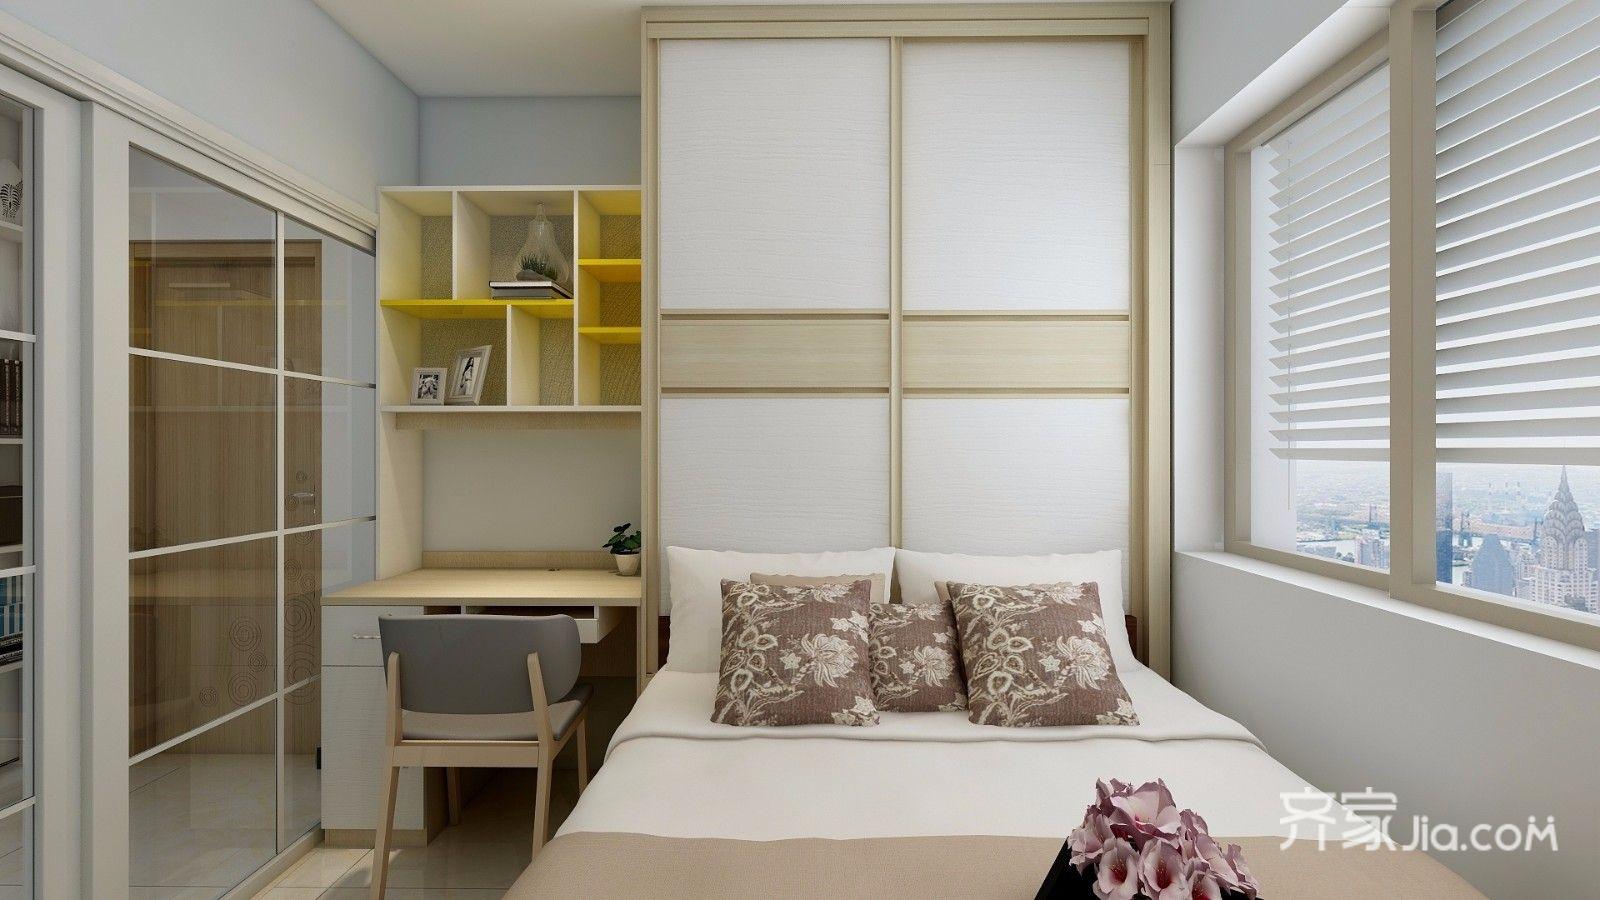 儿童房,空间有限,定制了床柜桌一体式的榻榻米,节省空间又增加储物图片